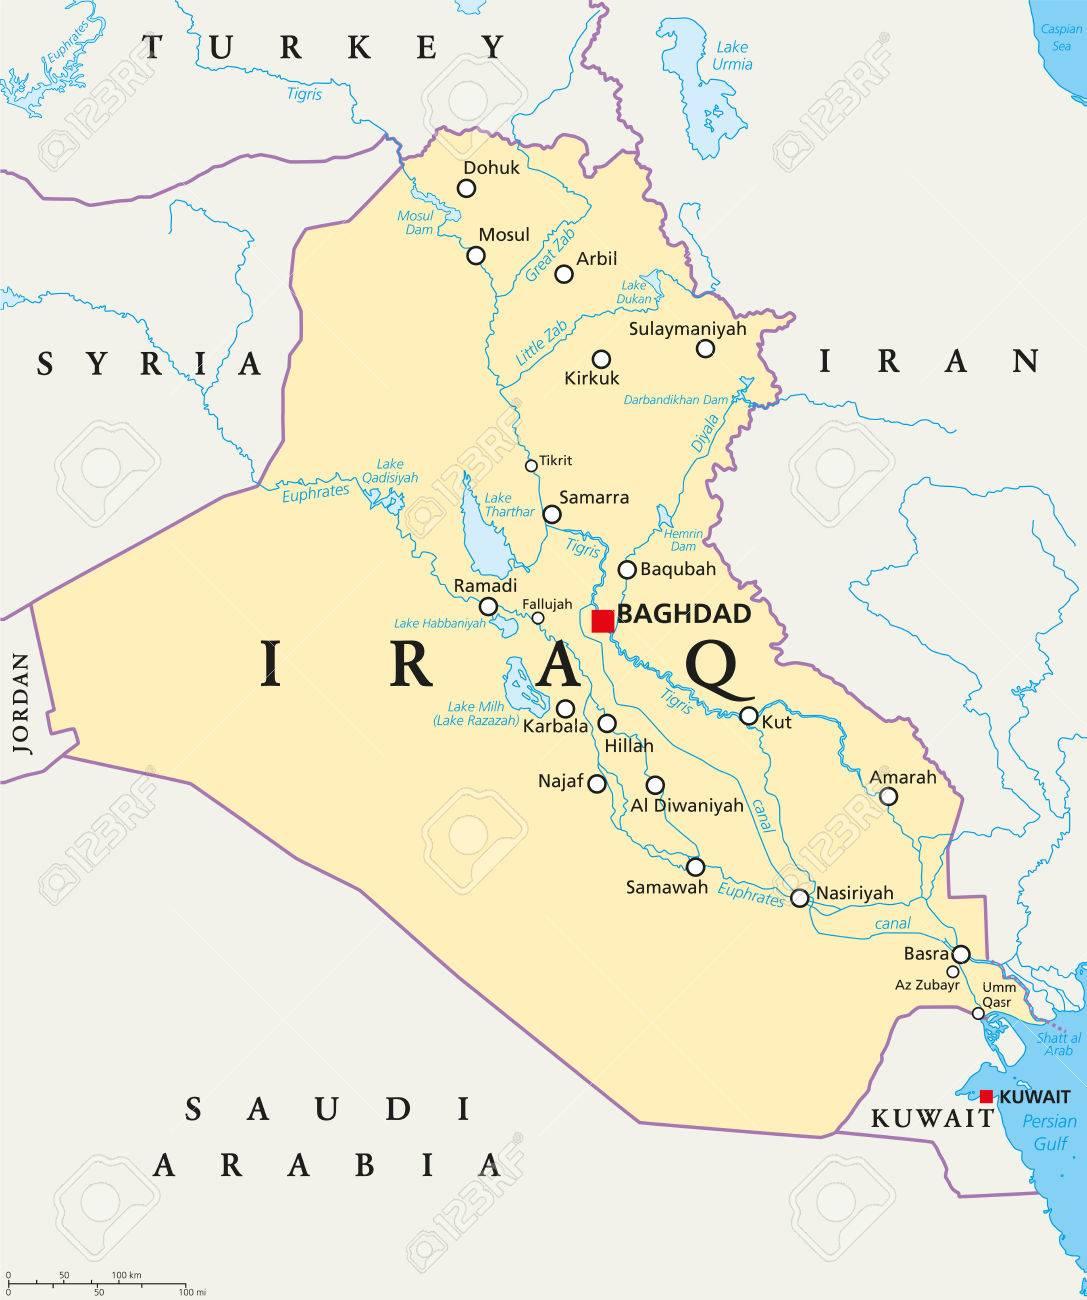 Tigris Y Eufrates Mapa.Mapa Politico De Irak Con Bagdad De Las Fronteras Nacionales Ciudades Importantes Rios Y Lagos Tambien Se Llama Mesopotamia La Tierra Entre El